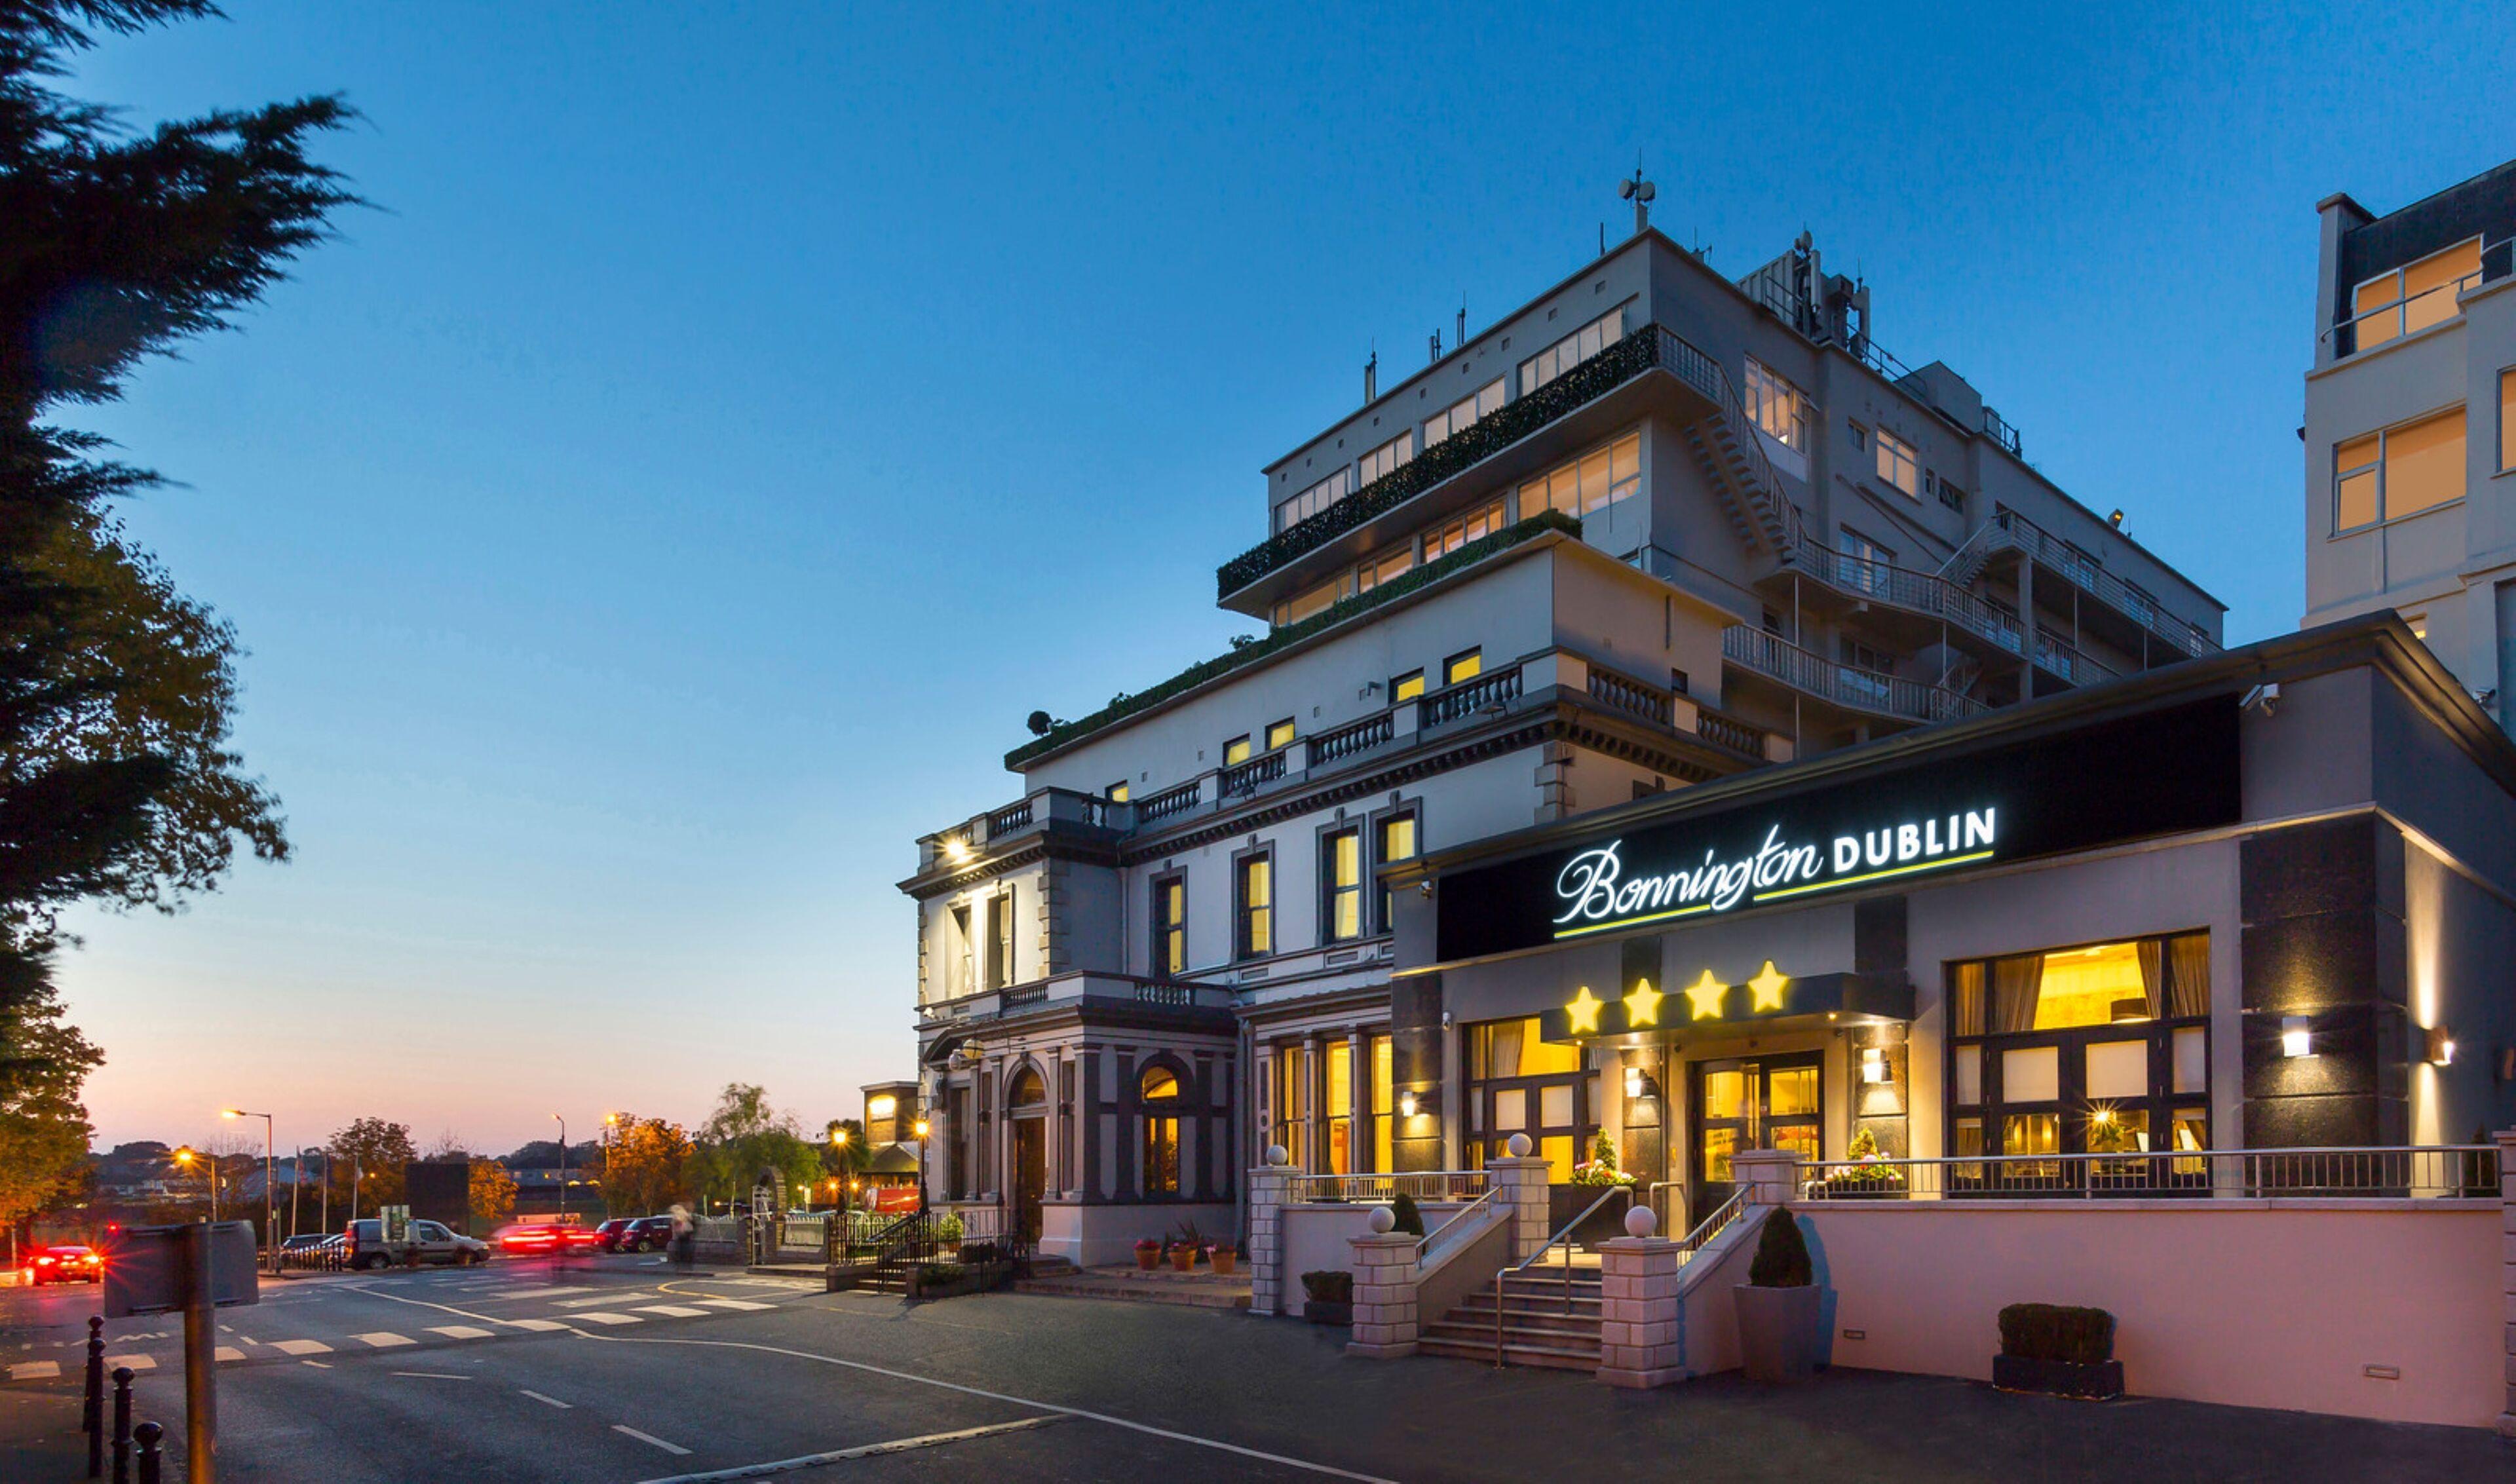 The Bonnington Dublin